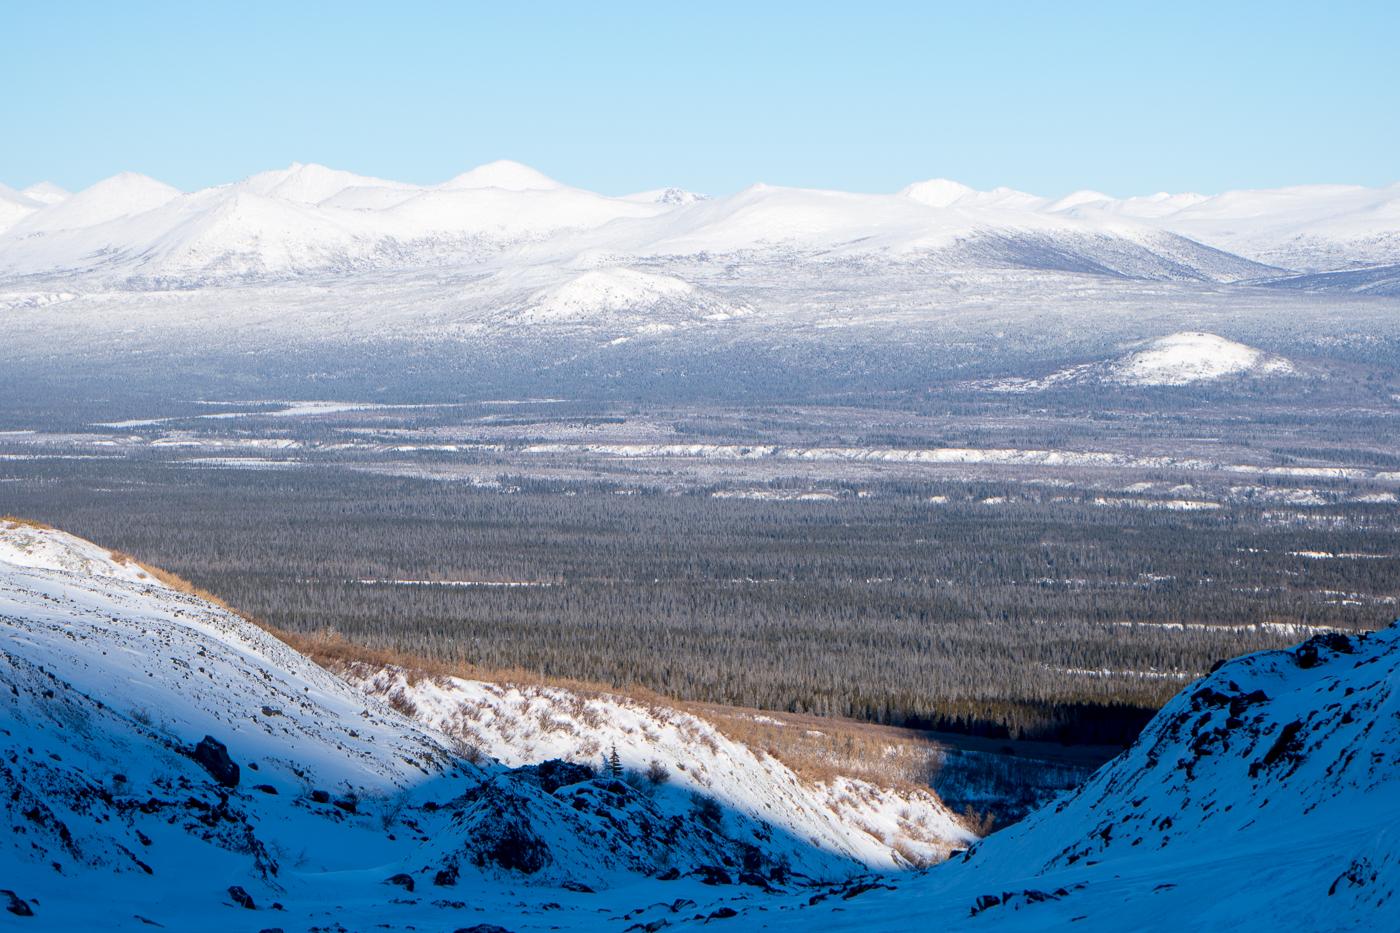 Vue de la grotte de glace de Haines Junction - Montagnes de Kluane National Park, Yukon